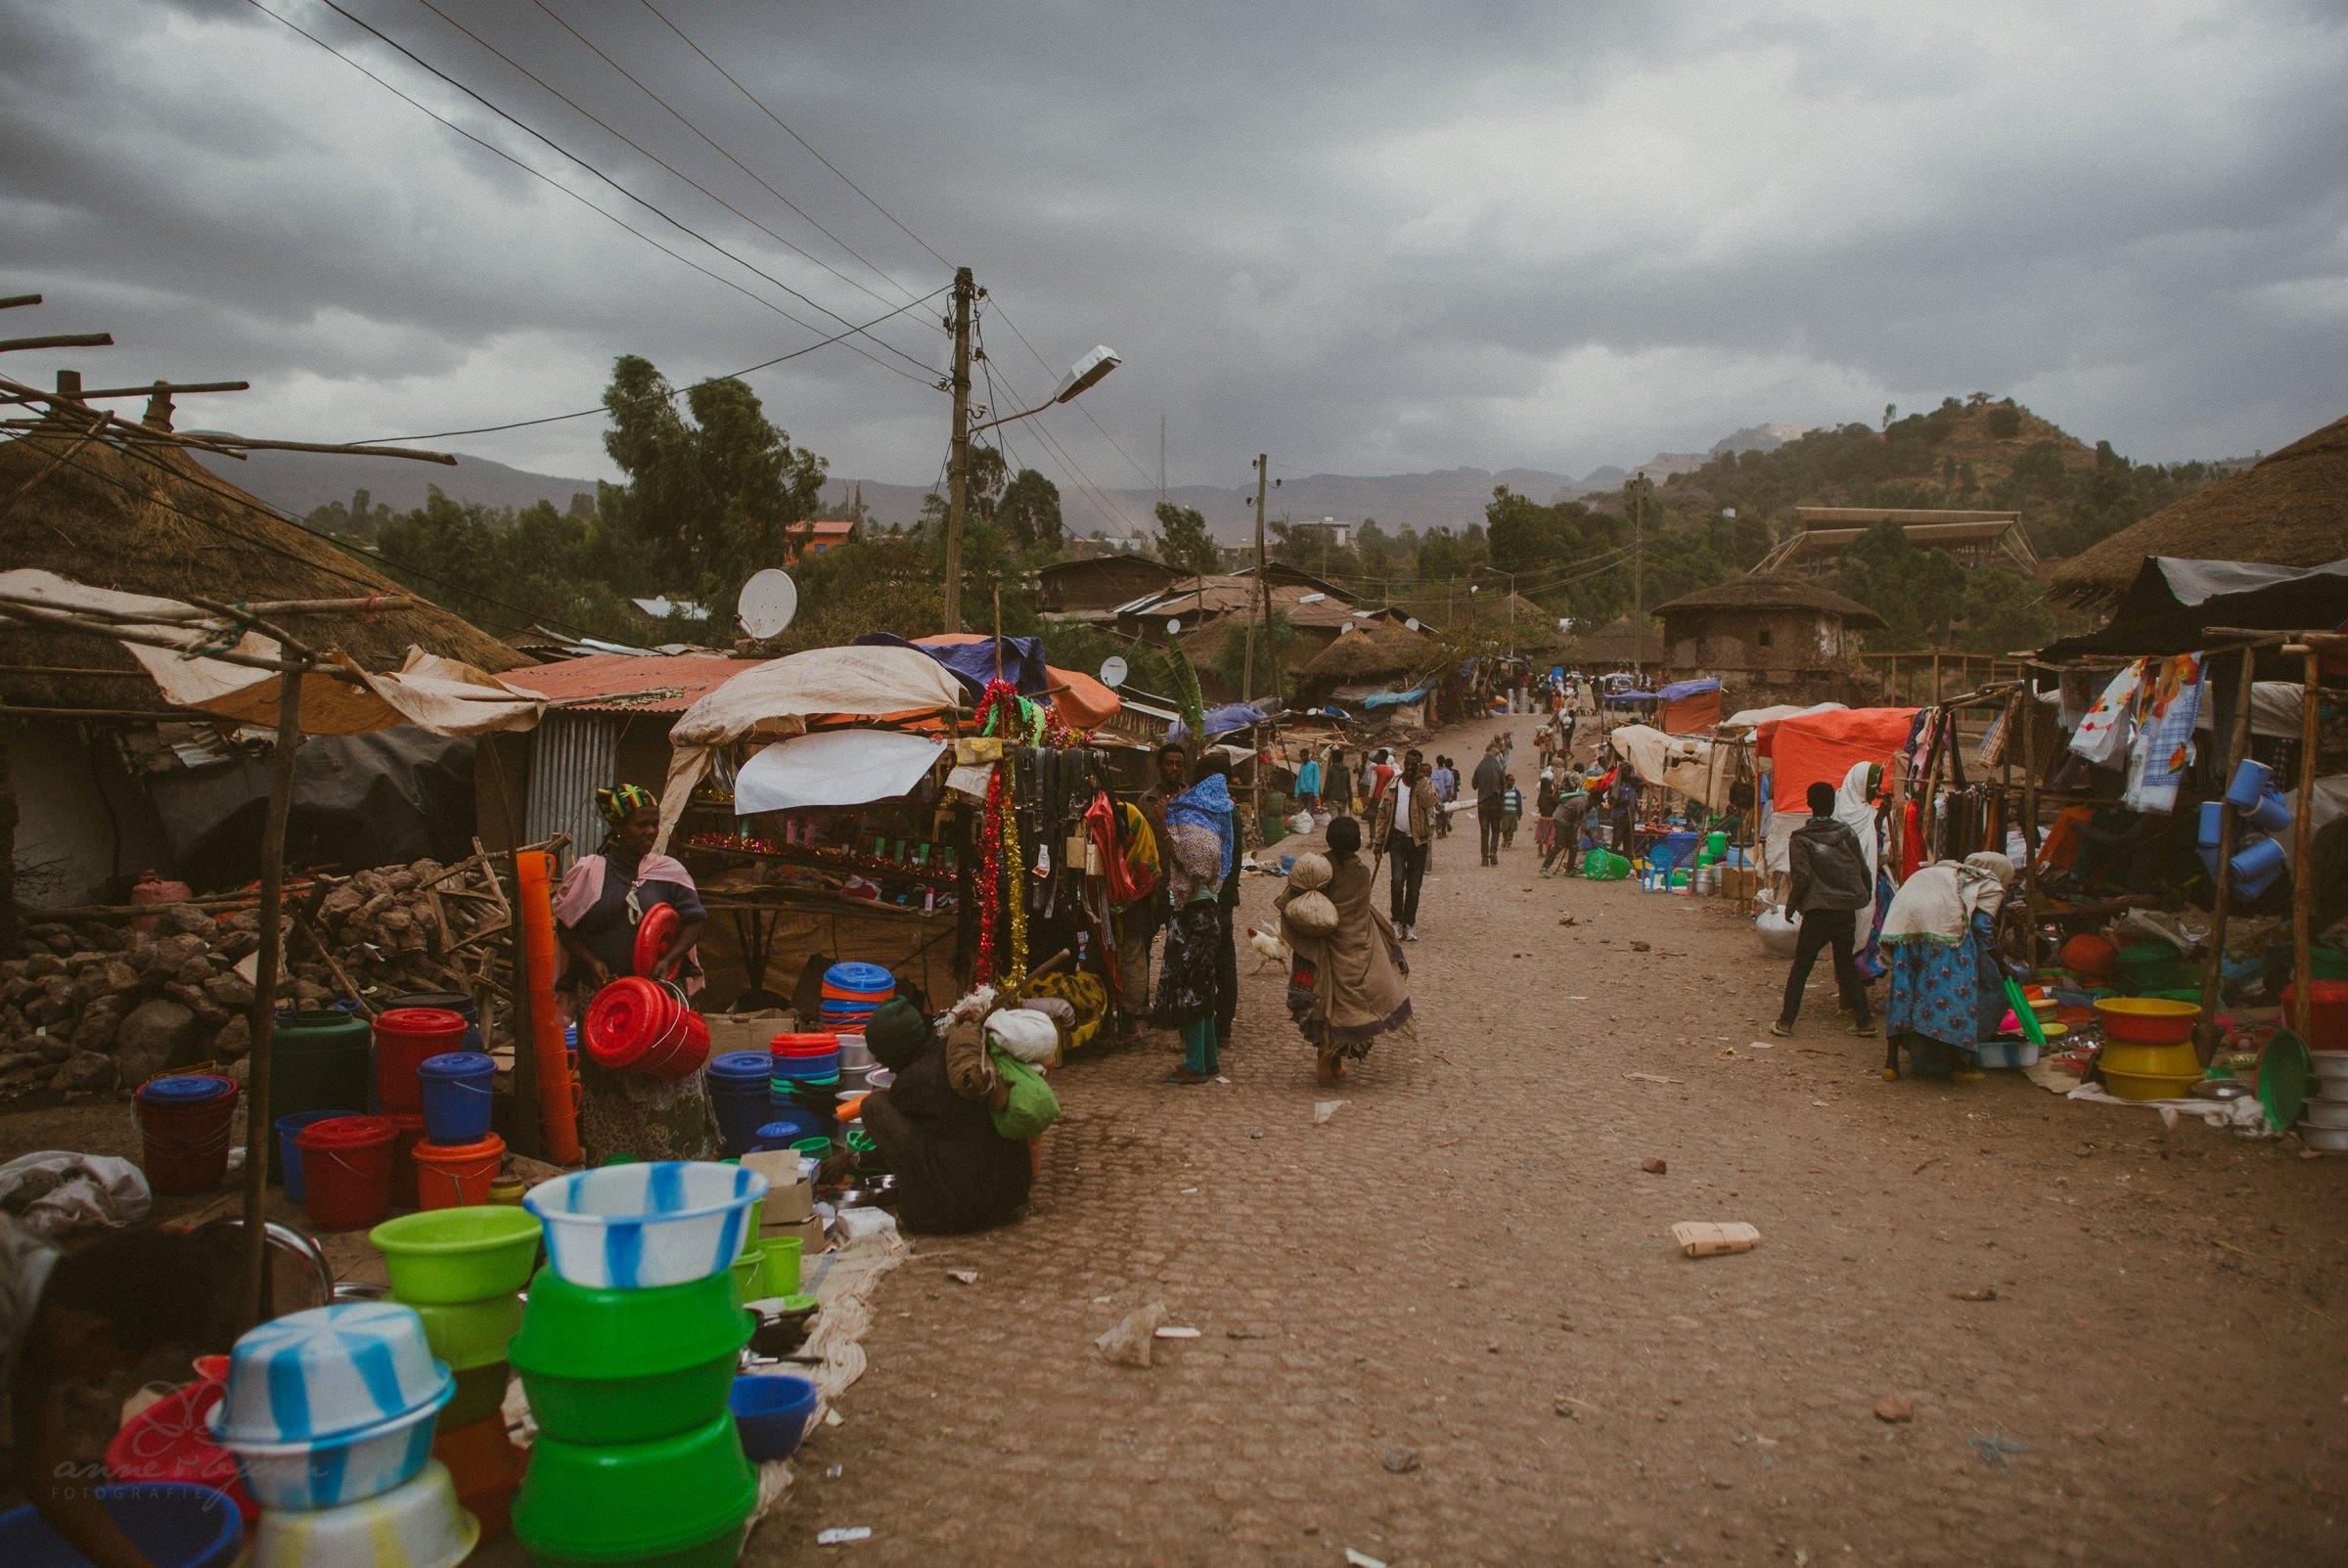 Straße in Lalibela zum Markt, Travel, Africa